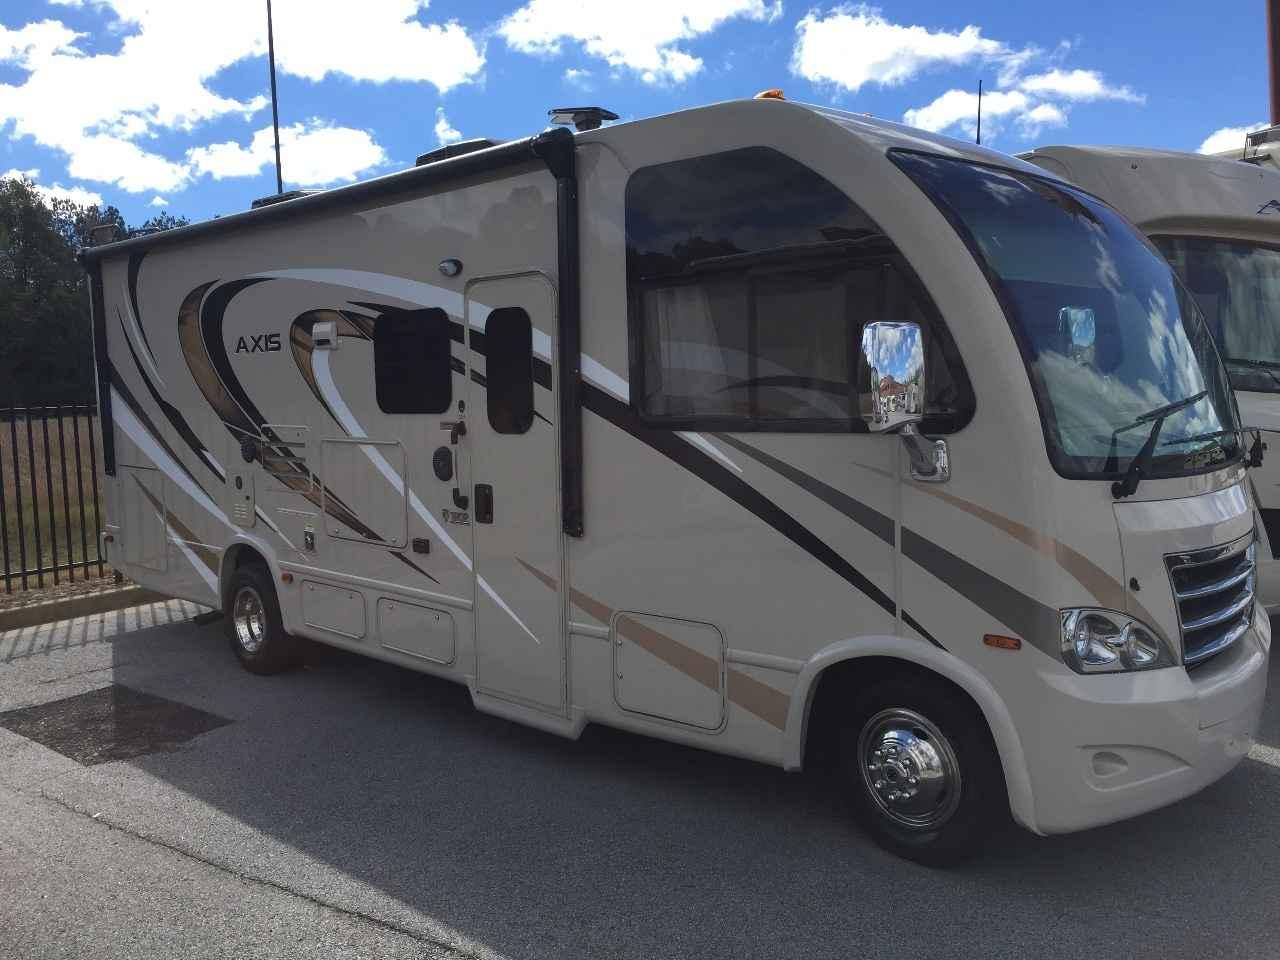 2017 Used Thor Motor Coach Axis 25 5 Class A In Georgia Ga